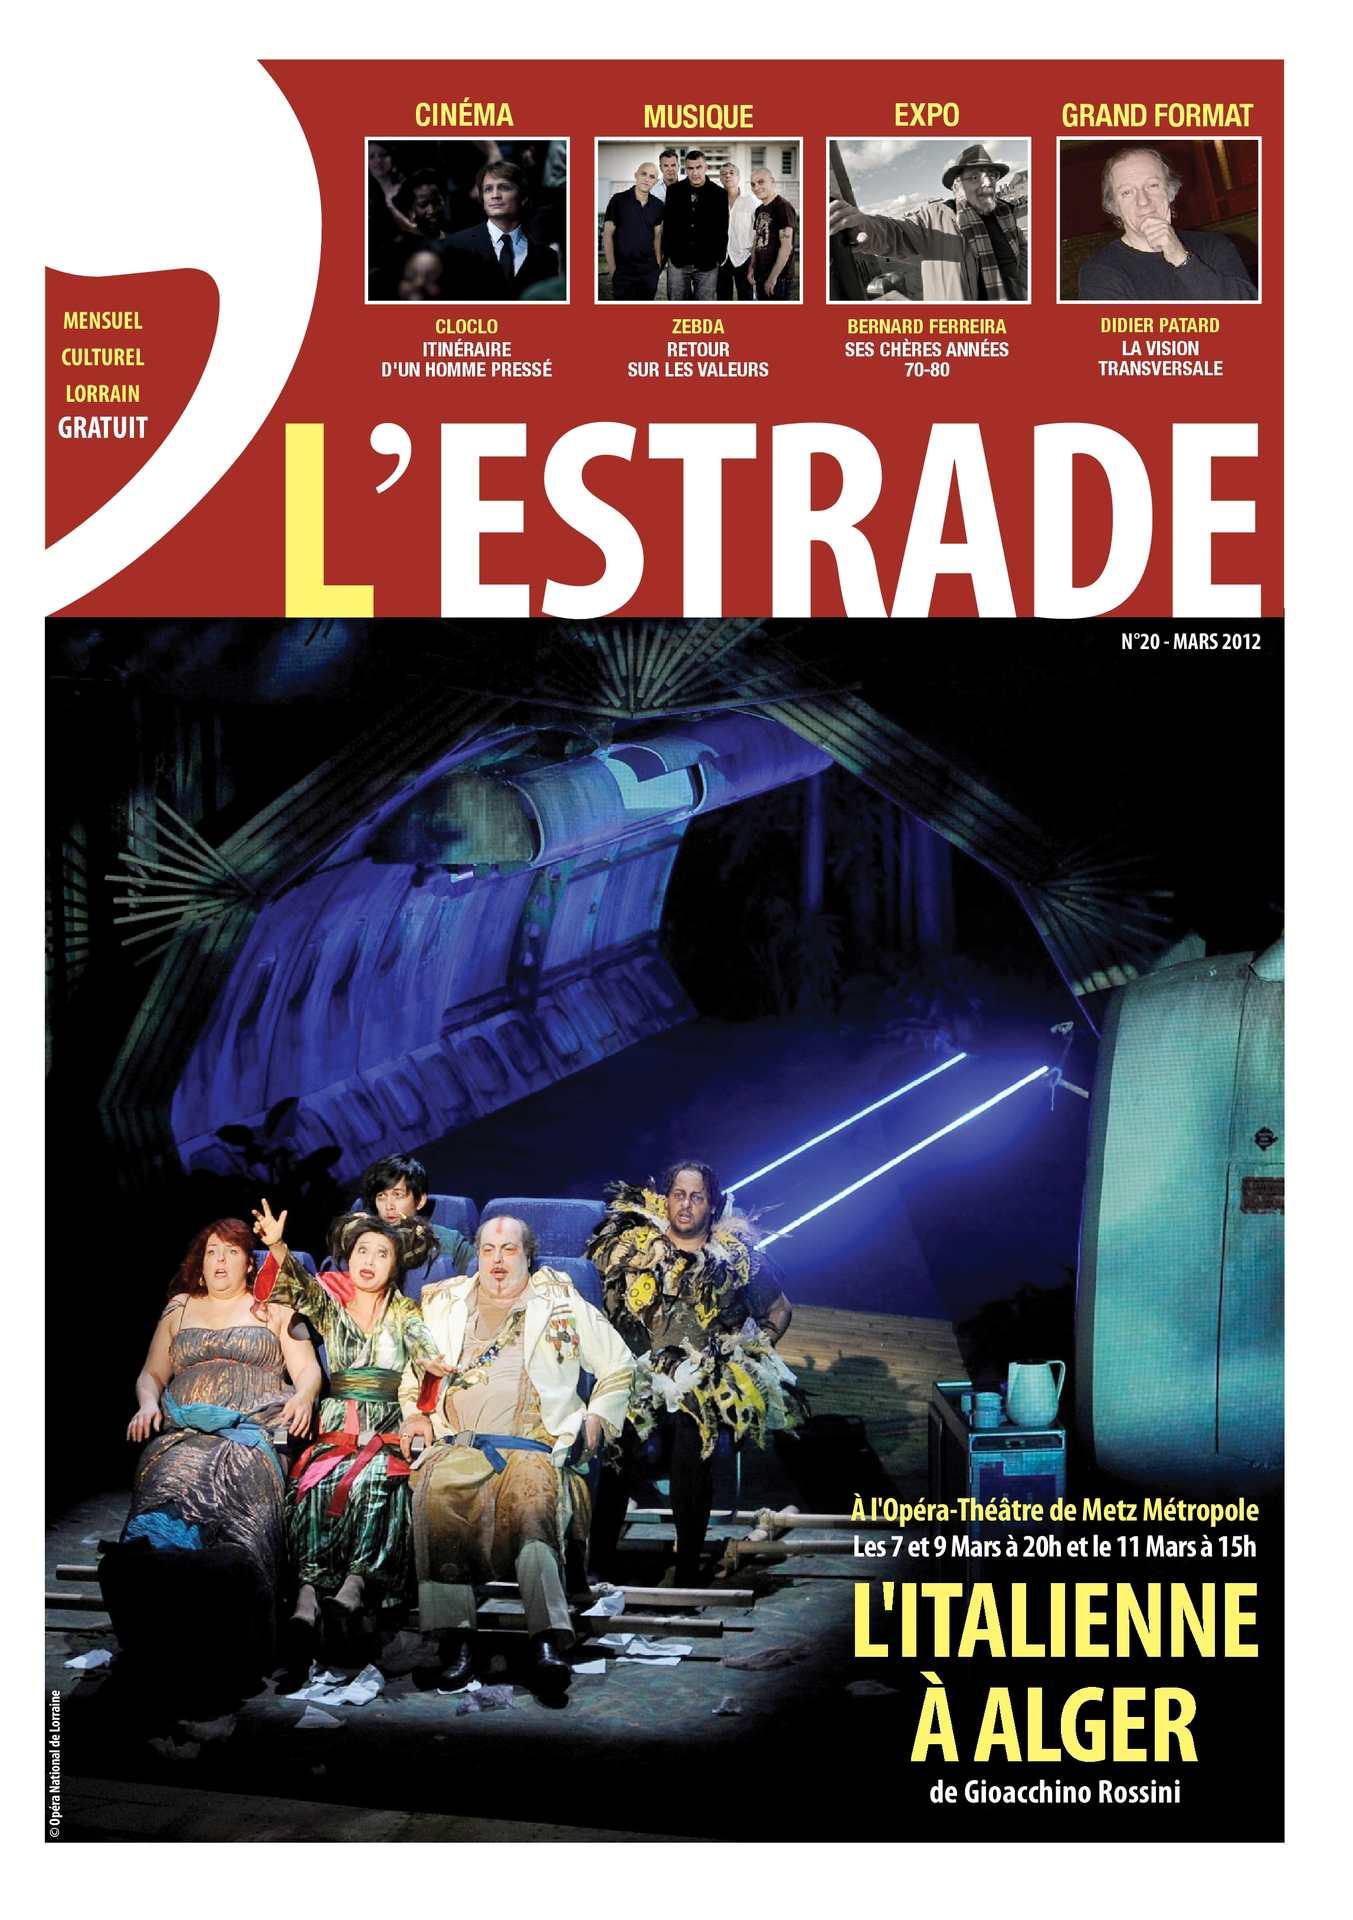 TÉLÉCHARGER LE FILM CLOCLO 2012 GRATUIT